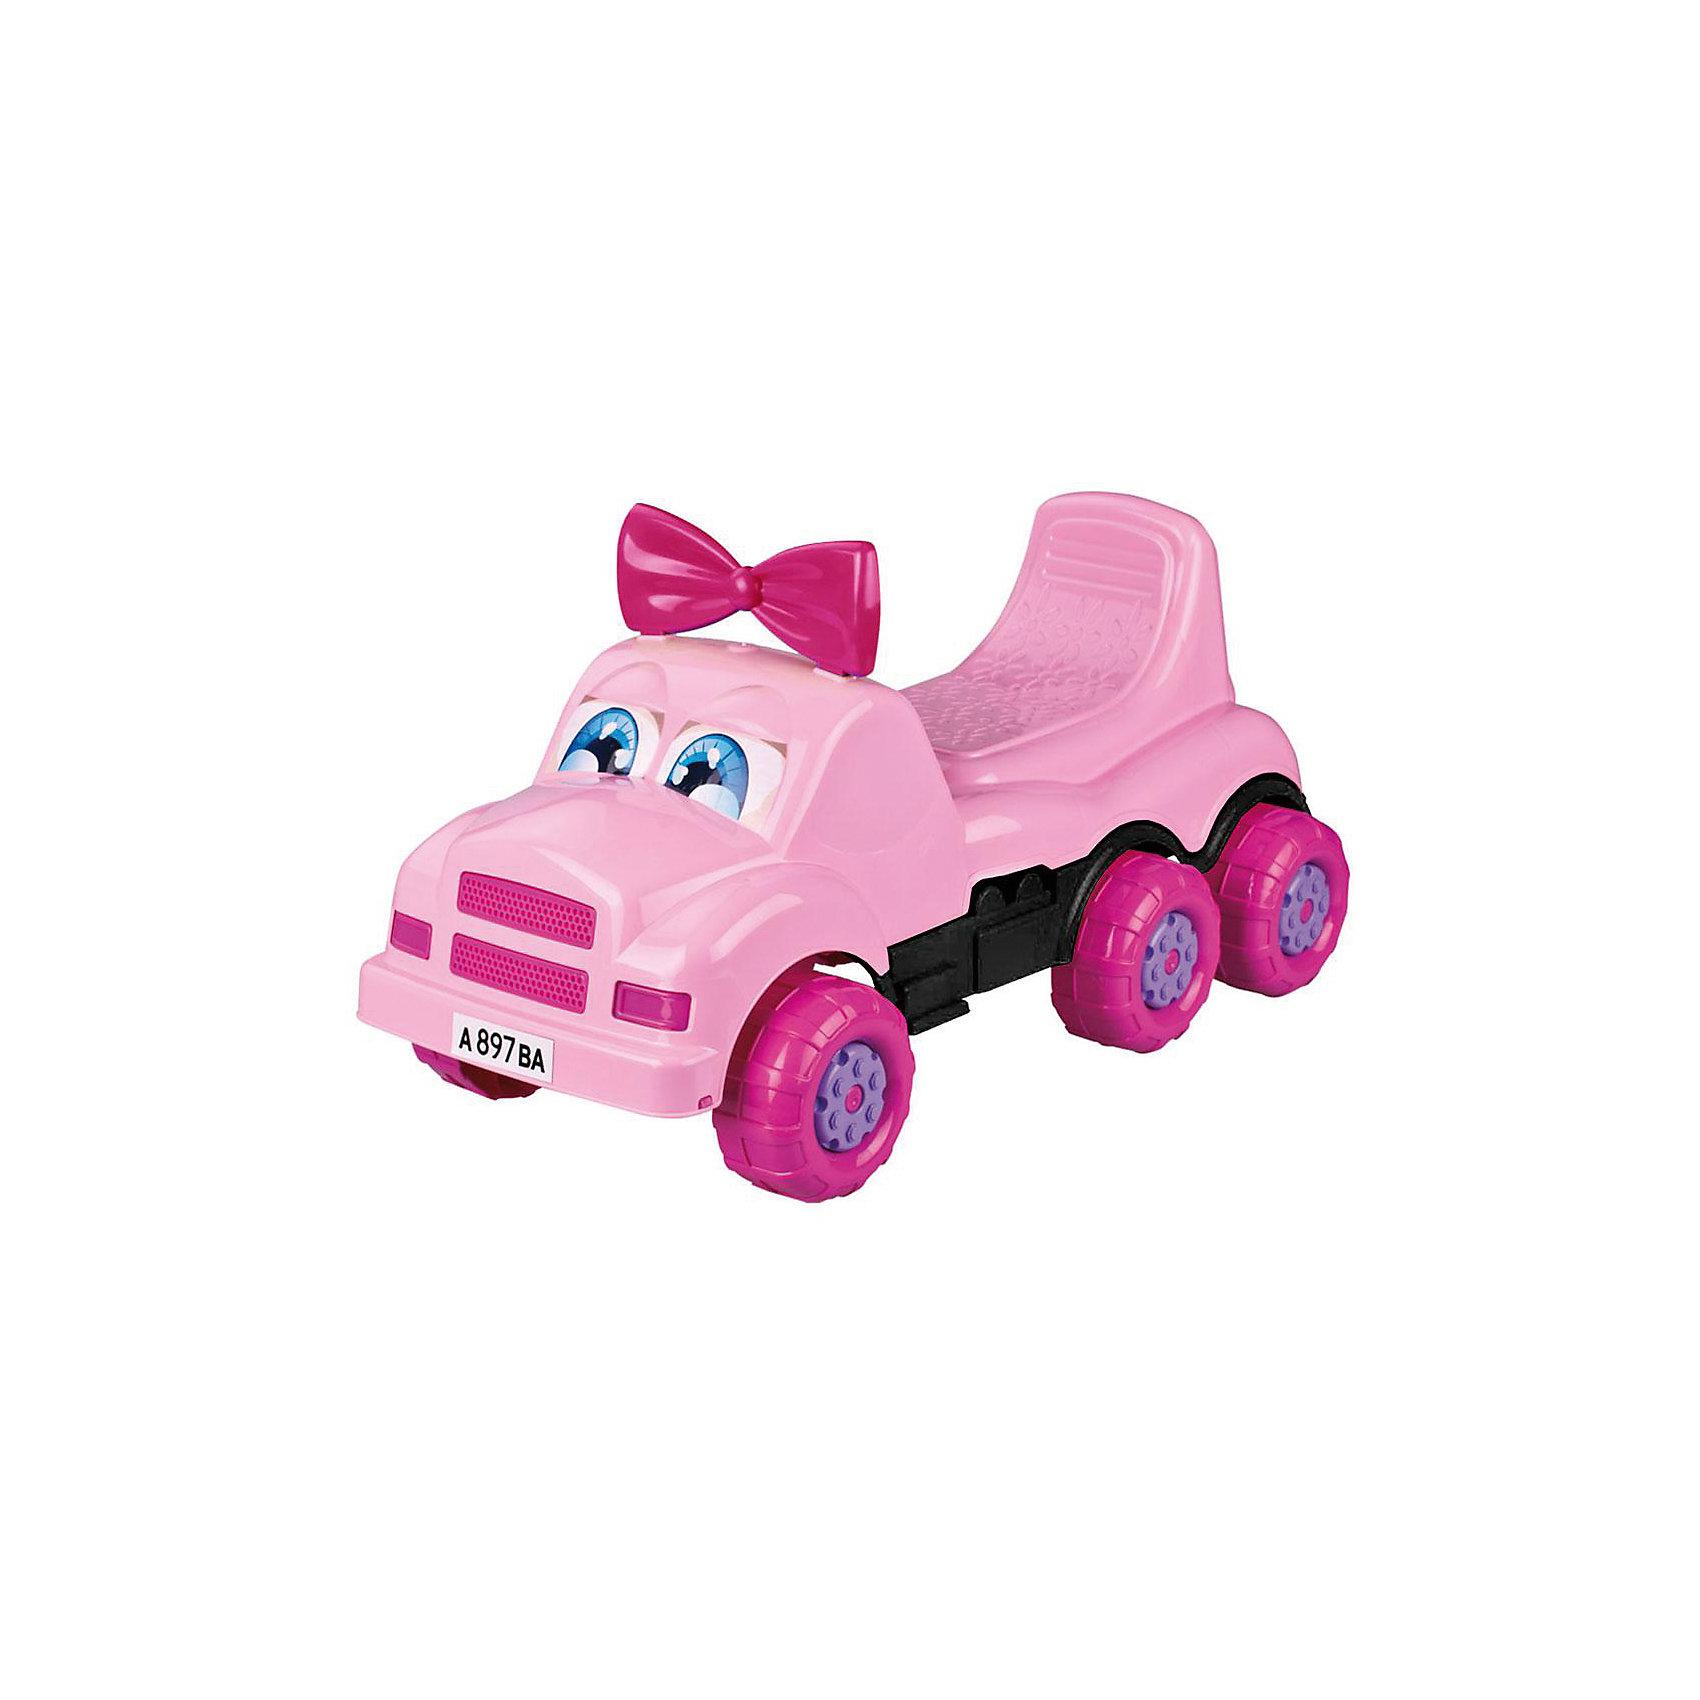 Машинка детская Веселые гонки ,  Alternativa, розовыйИзумительная машинка Веселые гонки изготовлена из прочного пластика и способна покатать ребенка и кукол. У машинки есть удобное сидение и шесть колес. Красивые глазки и очаровательный бантик непременно понравятся девочке.<br><br>Дополнительная информация:<br>Материал: пластик<br>Цвет: розовый<br>Размер: 69,5х29х33,5 см<br><br>Вы можете купить машинку Веселые гонки в нашем интернет-магазине.<br><br>Ширина мм: 695<br>Глубина мм: 290<br>Высота мм: 335<br>Вес г: 2148<br>Возраст от месяцев: 36<br>Возраст до месяцев: 144<br>Пол: Унисекс<br>Возраст: Детский<br>SKU: 4979754